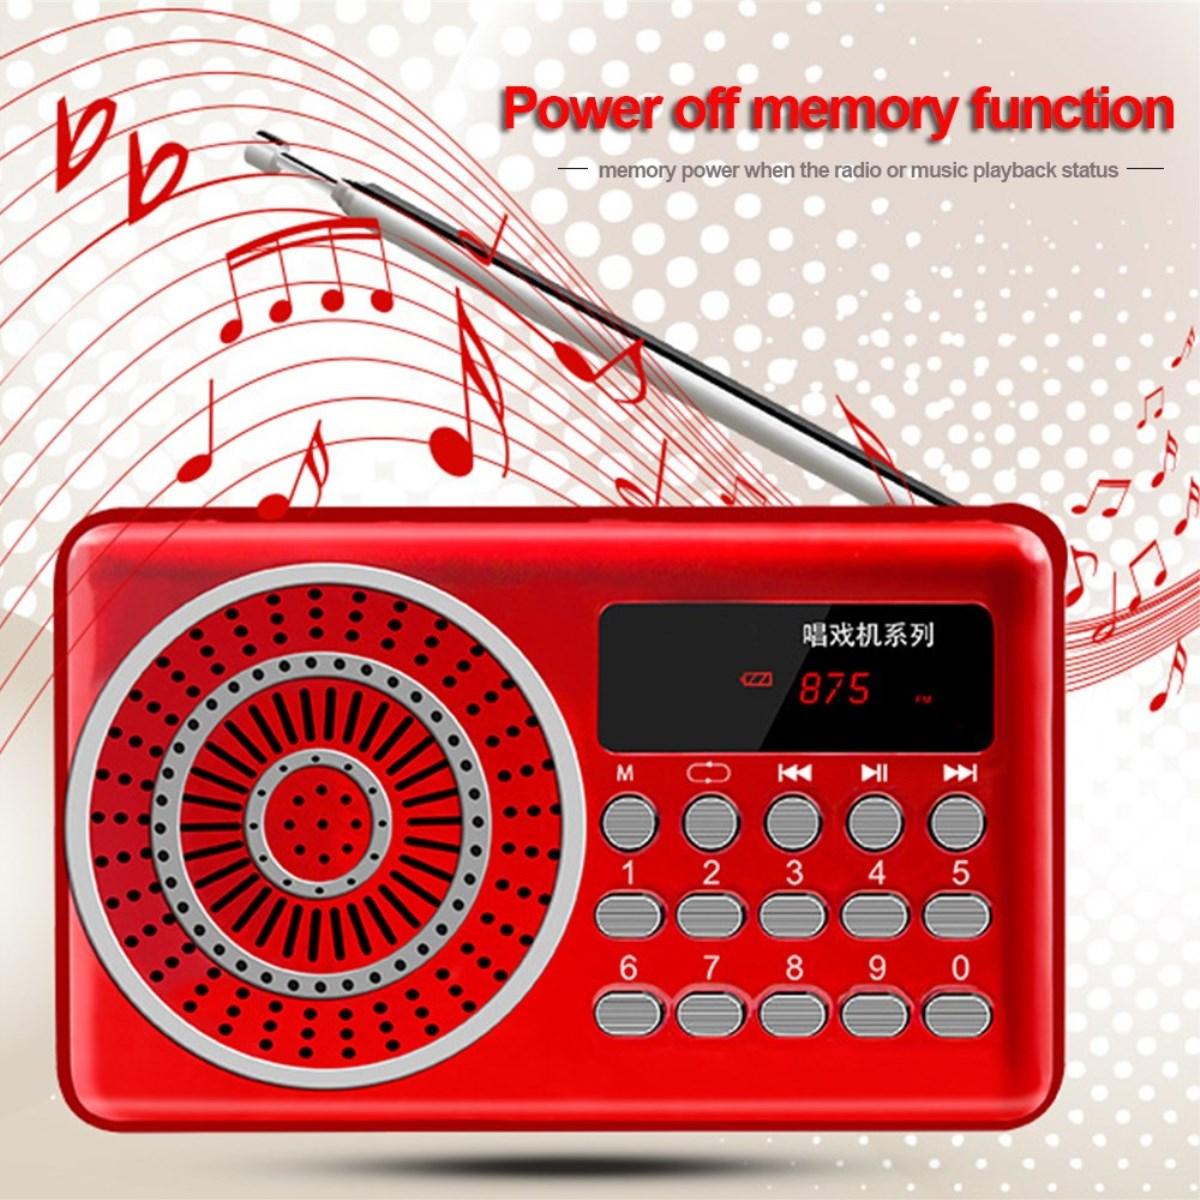 Tragbares Audio & Video Herrlich Tragbare Radio Mini Handheld Fm Usb Tf Mp3 Musik Player Lautsprecher Wiederaufladbare Dc5v Digital Radio Wir Nehmen Kunden Als Unsere GöTter